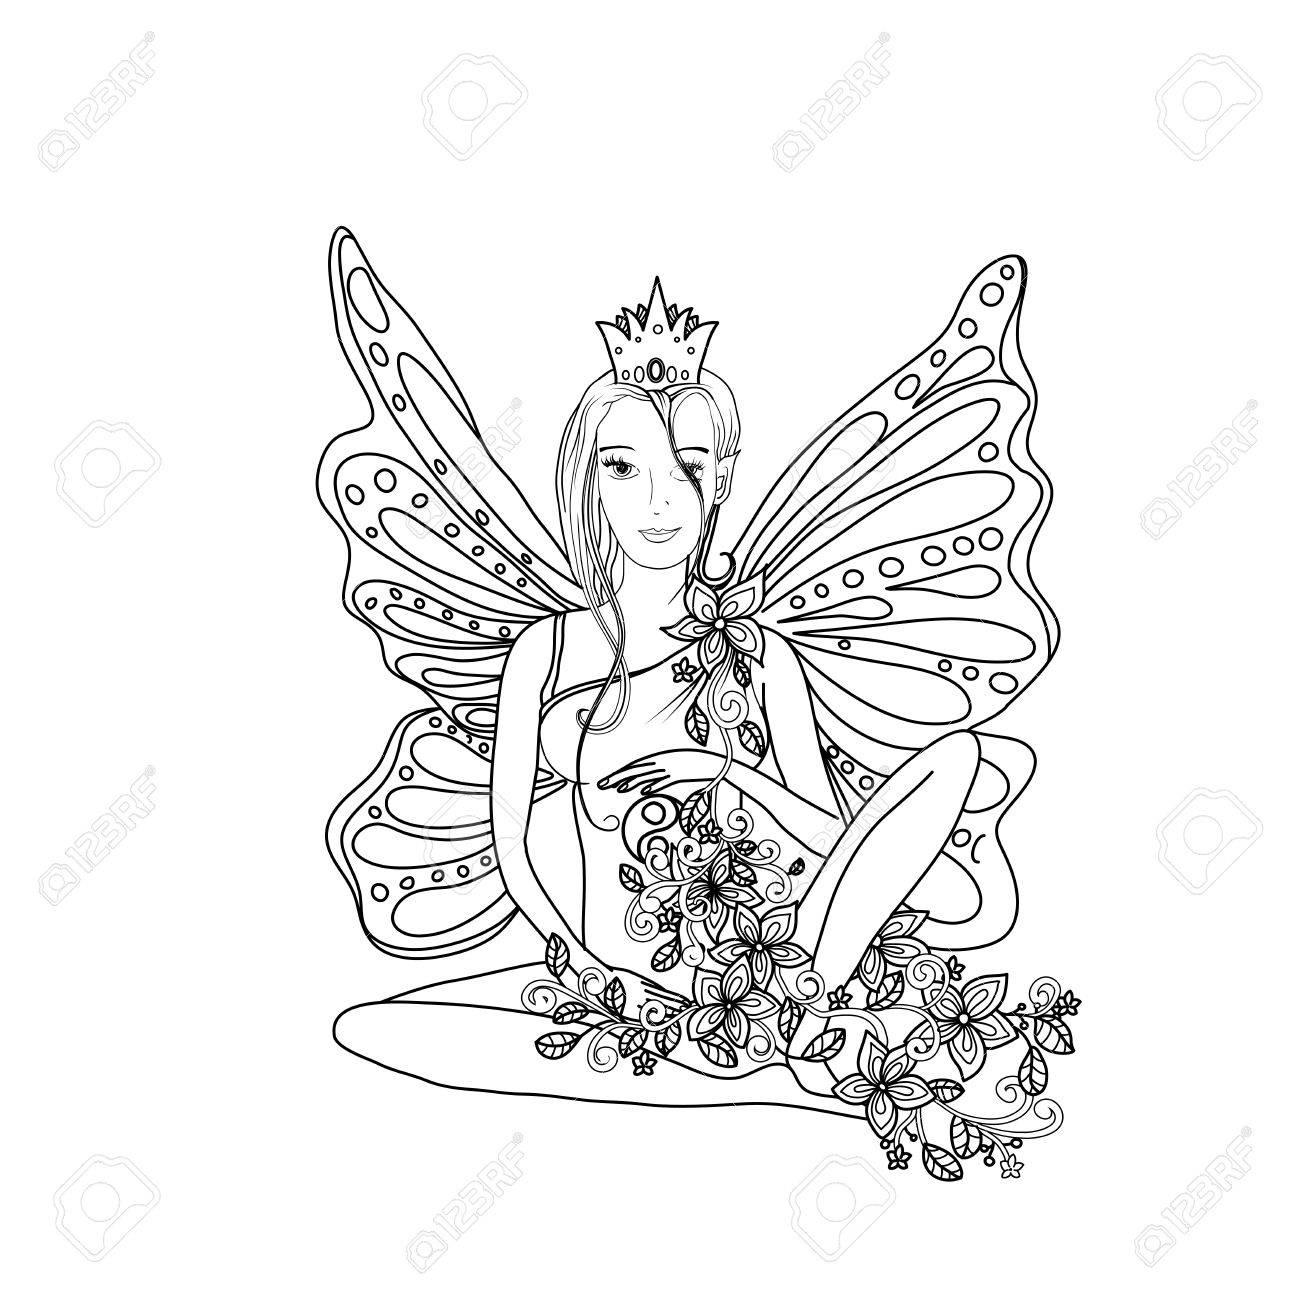 Libro De Colorear Adulto, Sano Señora Hada Con Alas De Mariposa ...